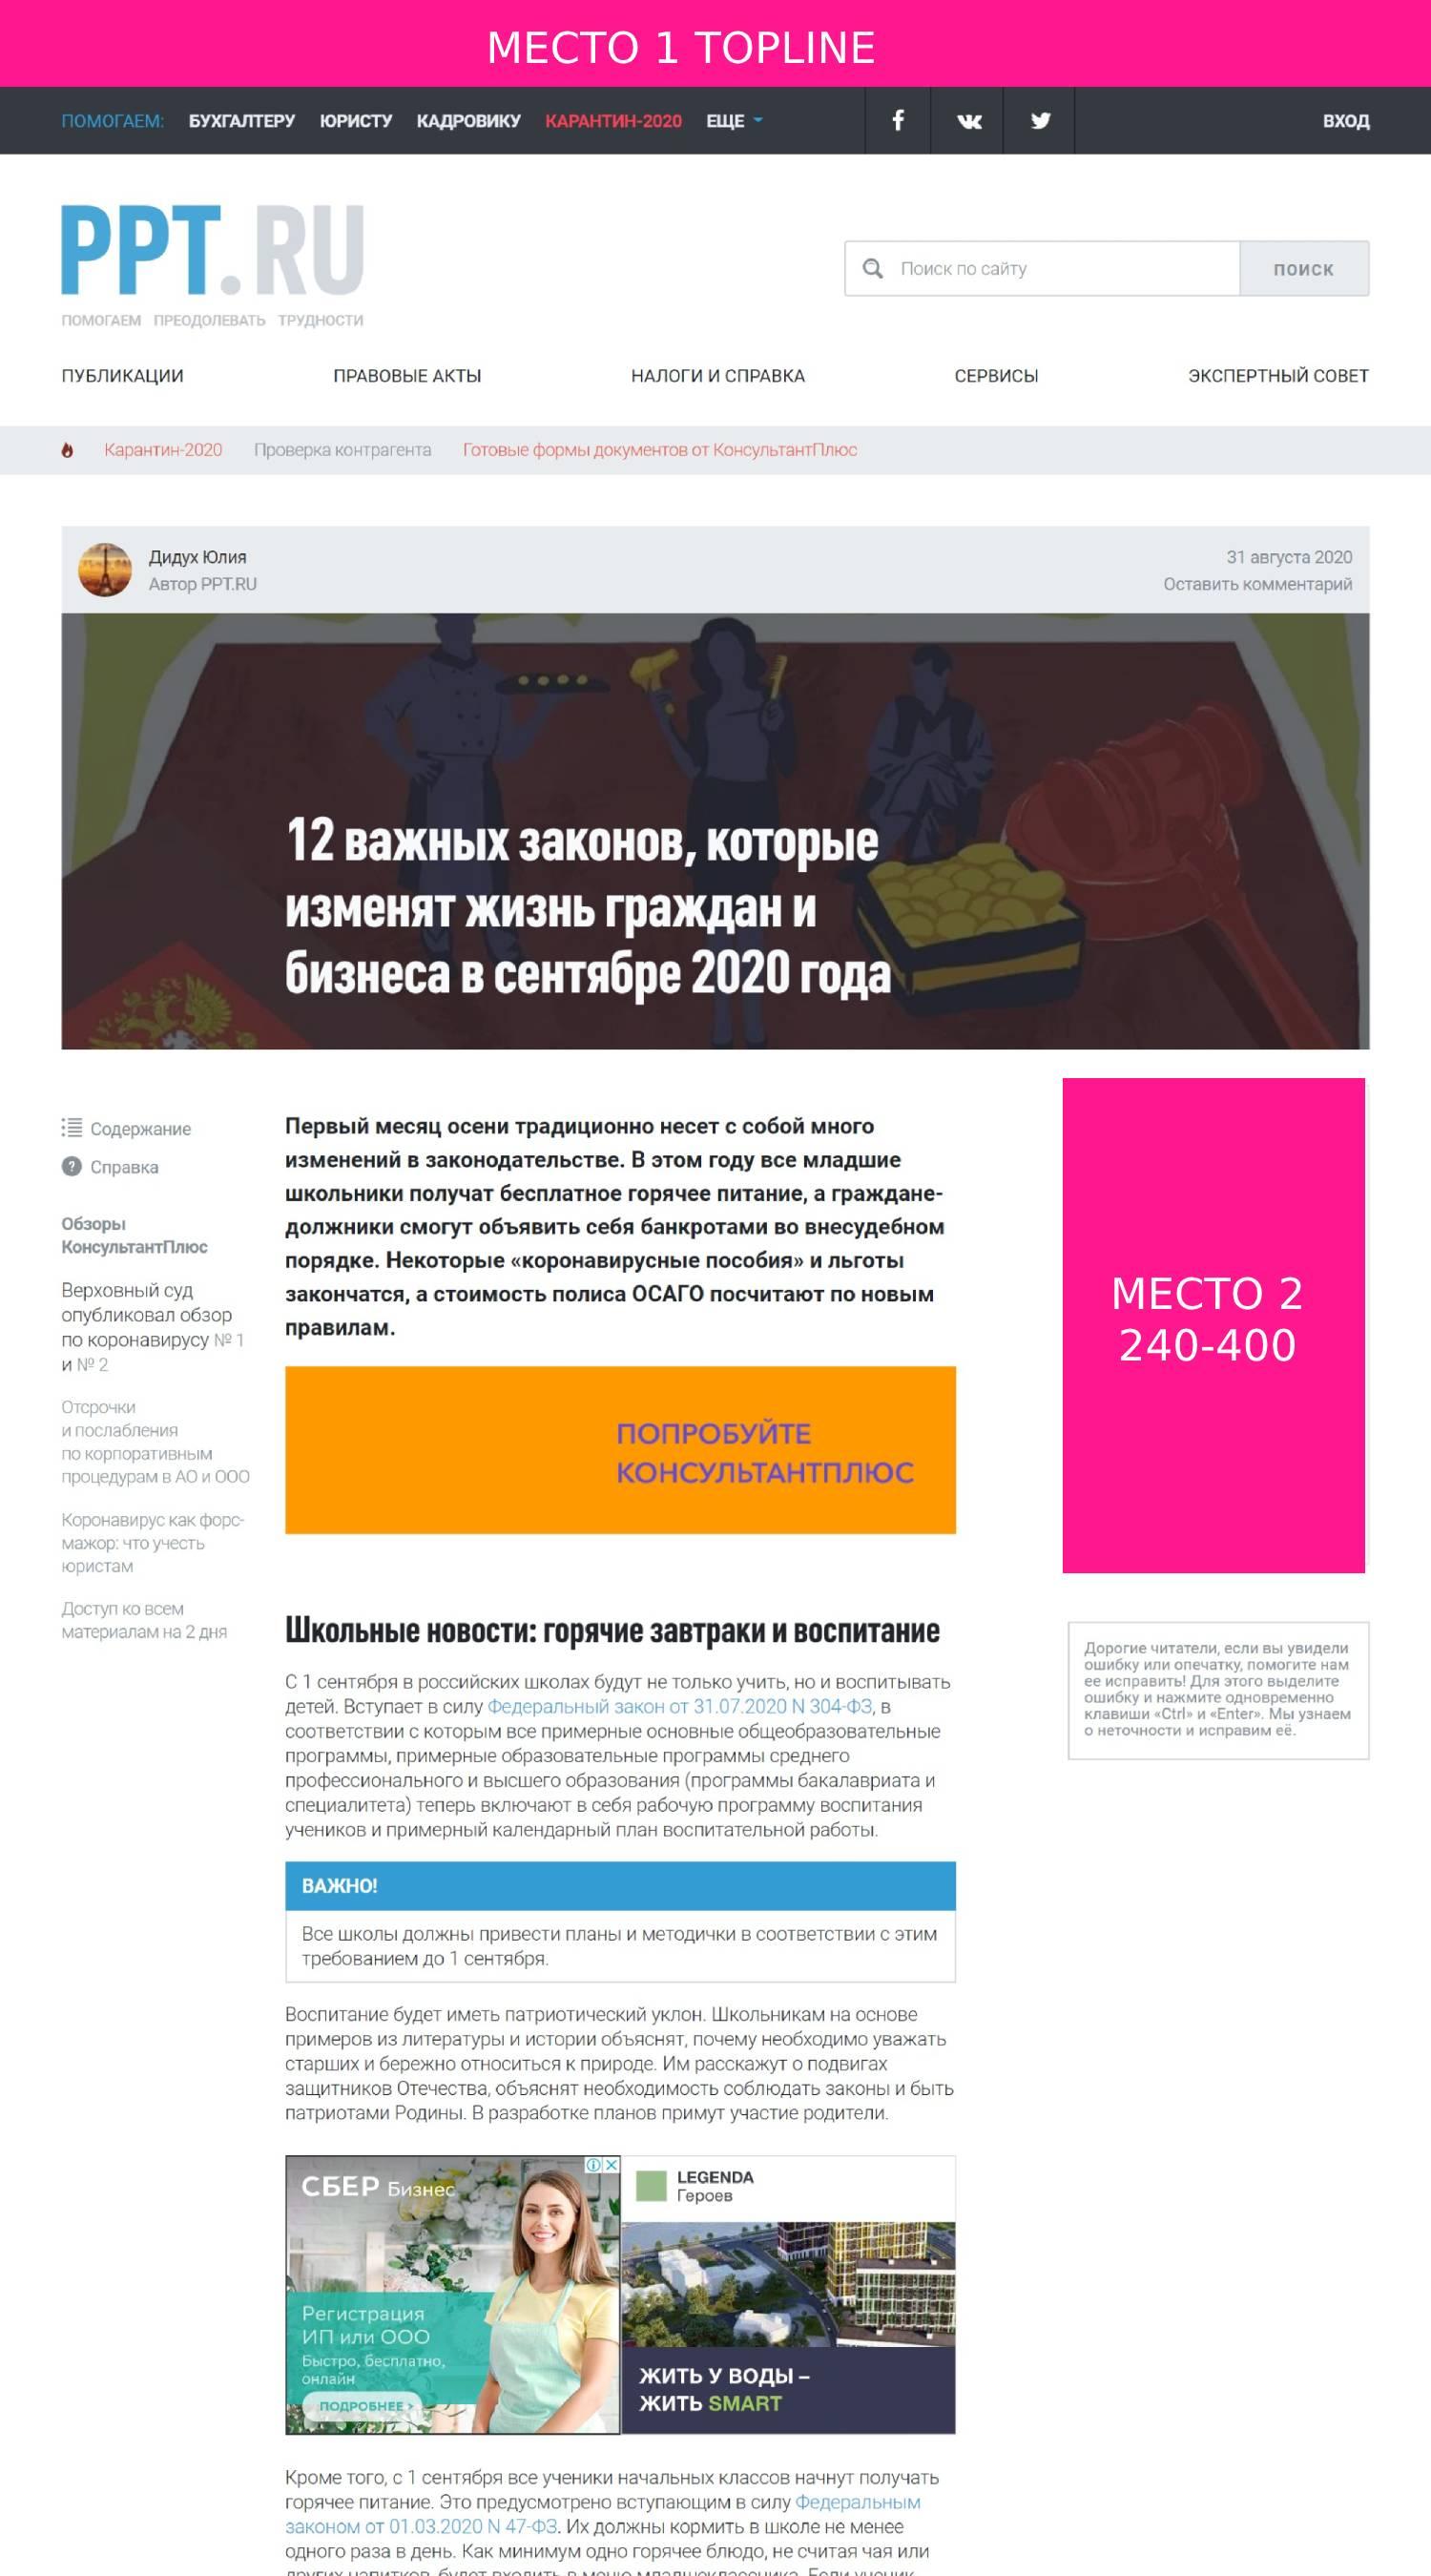 Новости для бухгалтера, юриста, кадровика от Петербургского правового портала 73